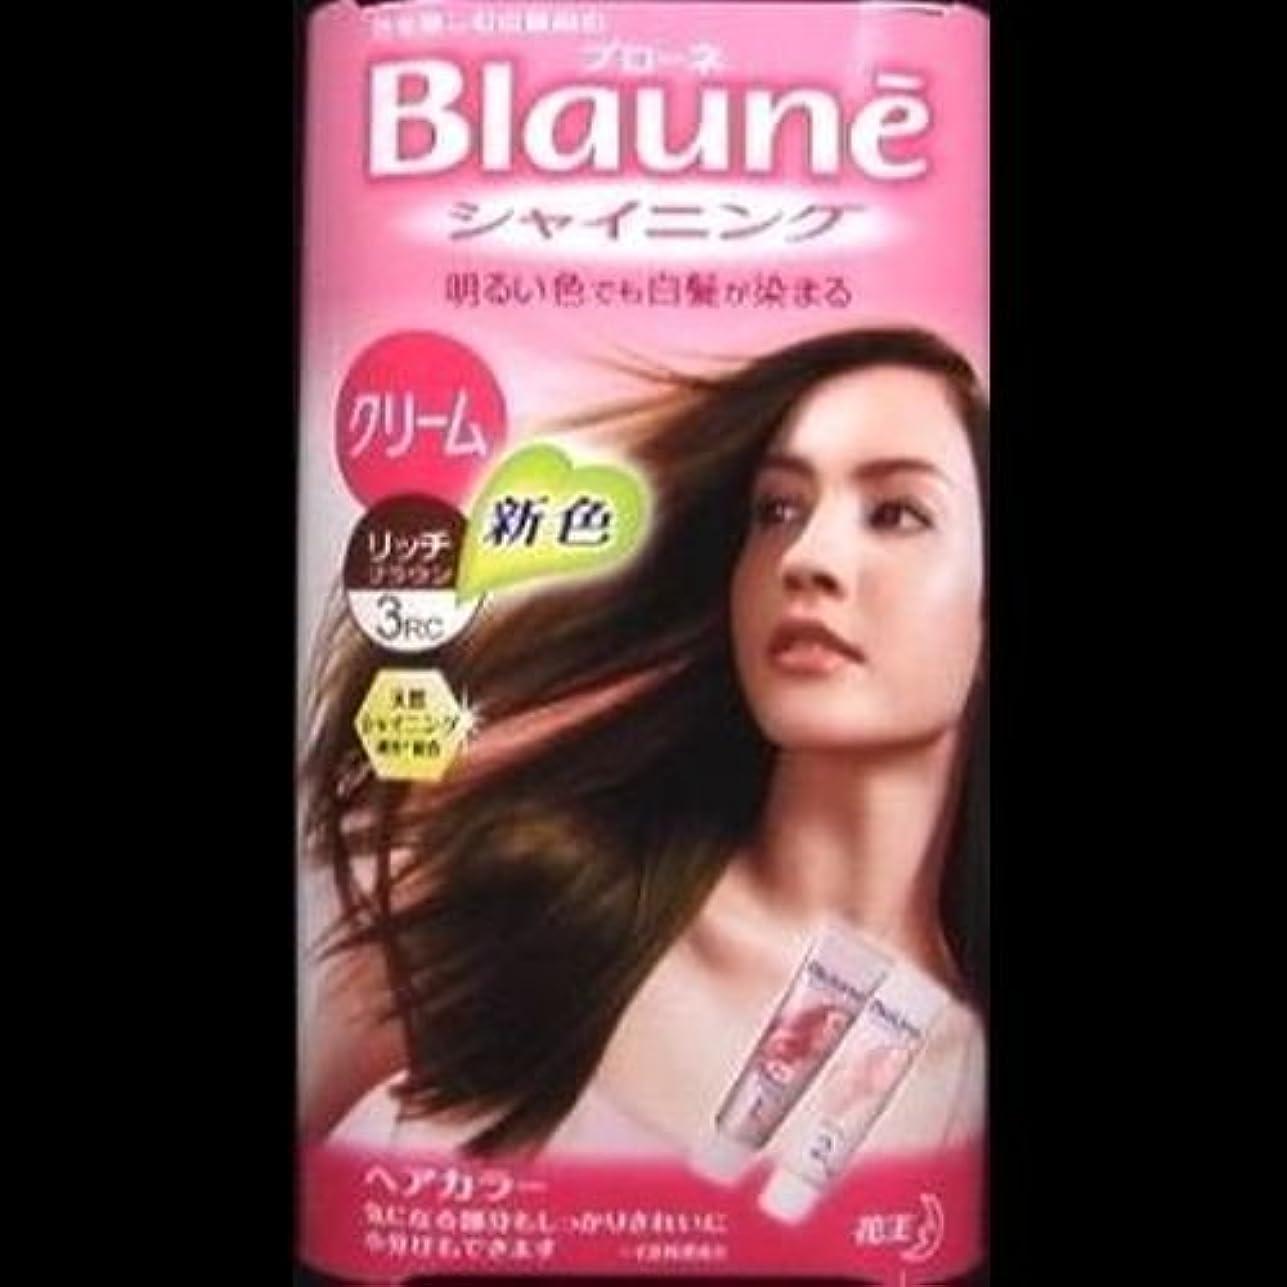 ファセットあまりにも引数【まとめ買い】ブローネシャイニングヘアカラークリーム 3RC リッチブラウン ×2セット